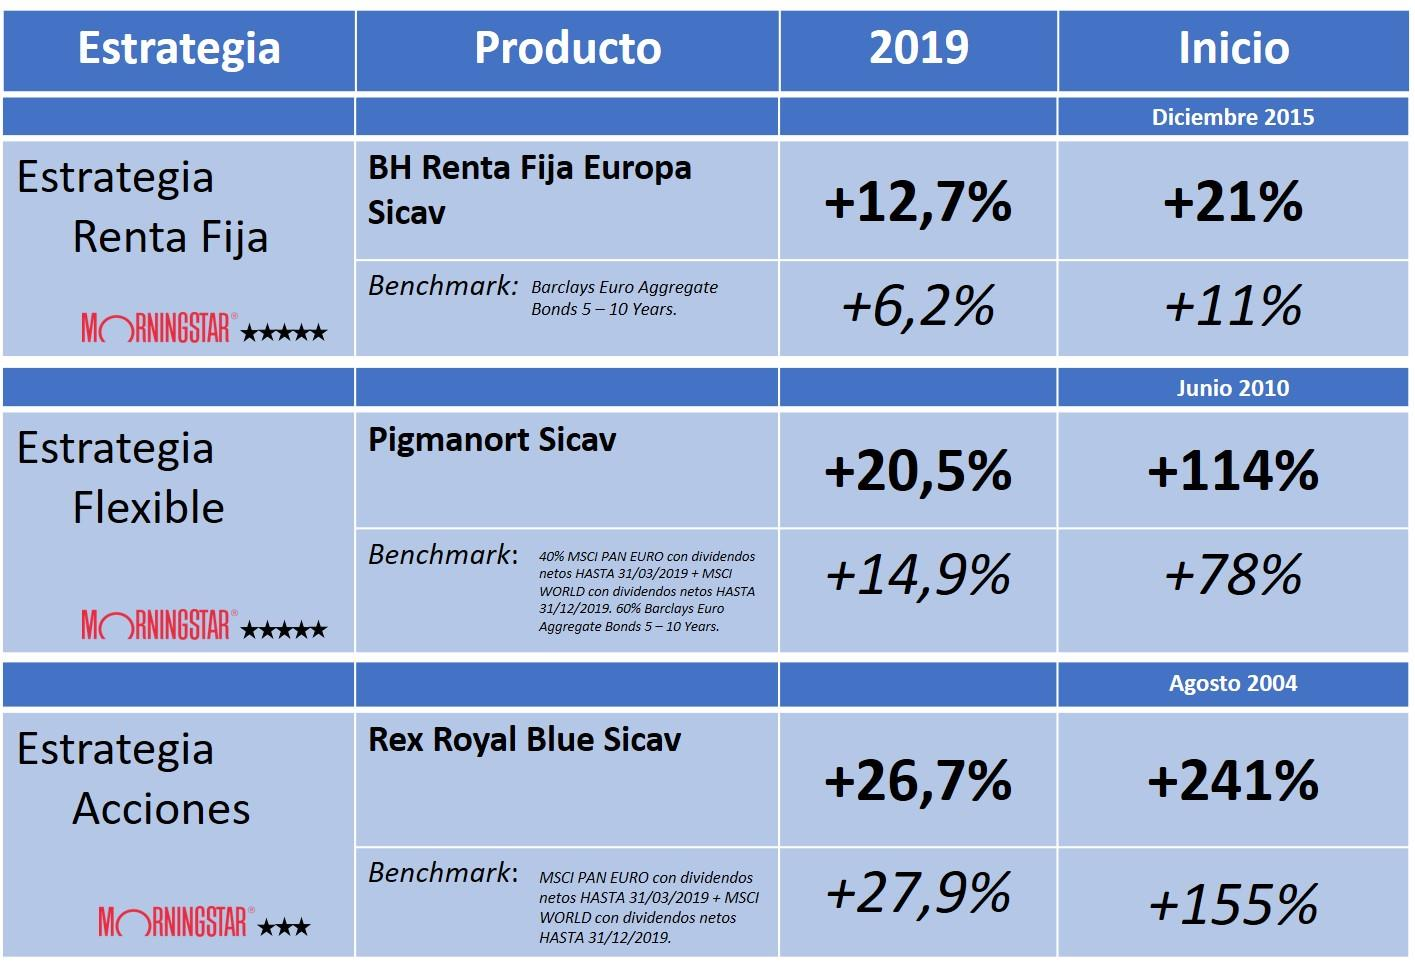 rentabilidades Buy & Hold 2019